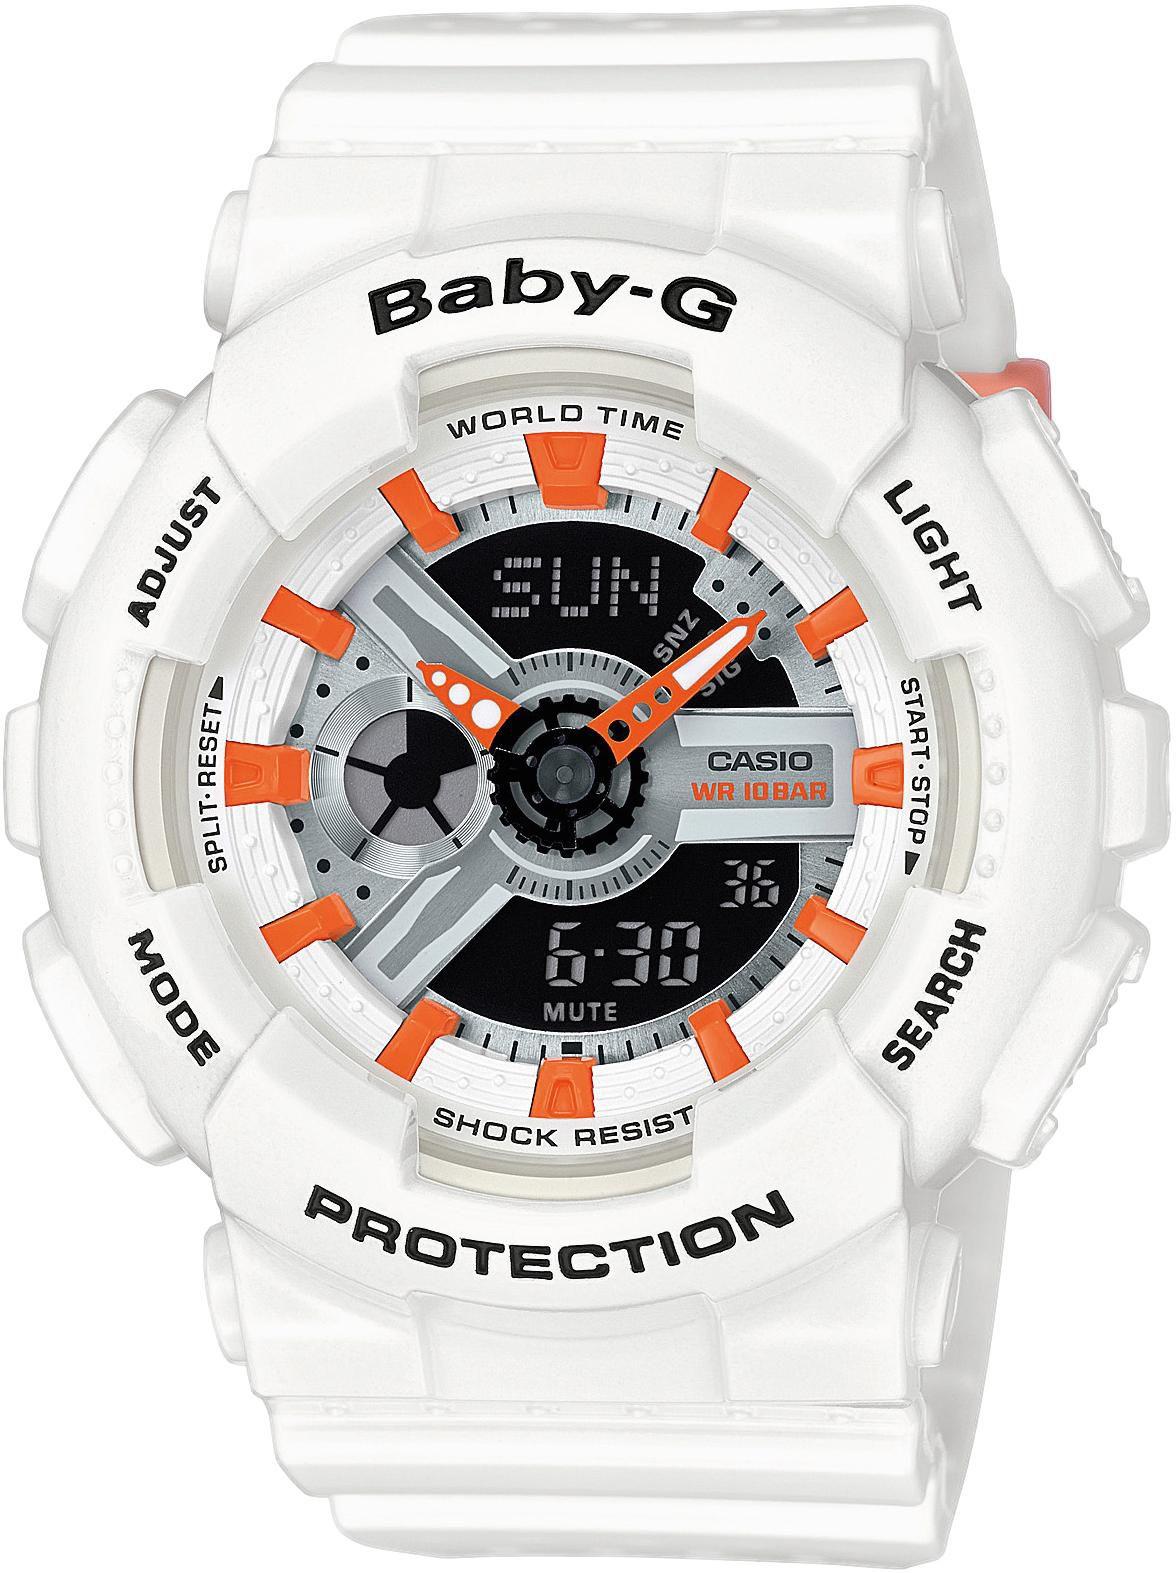 CASIO BABY G Baby-G Armbanduhr Weiß Casio silber